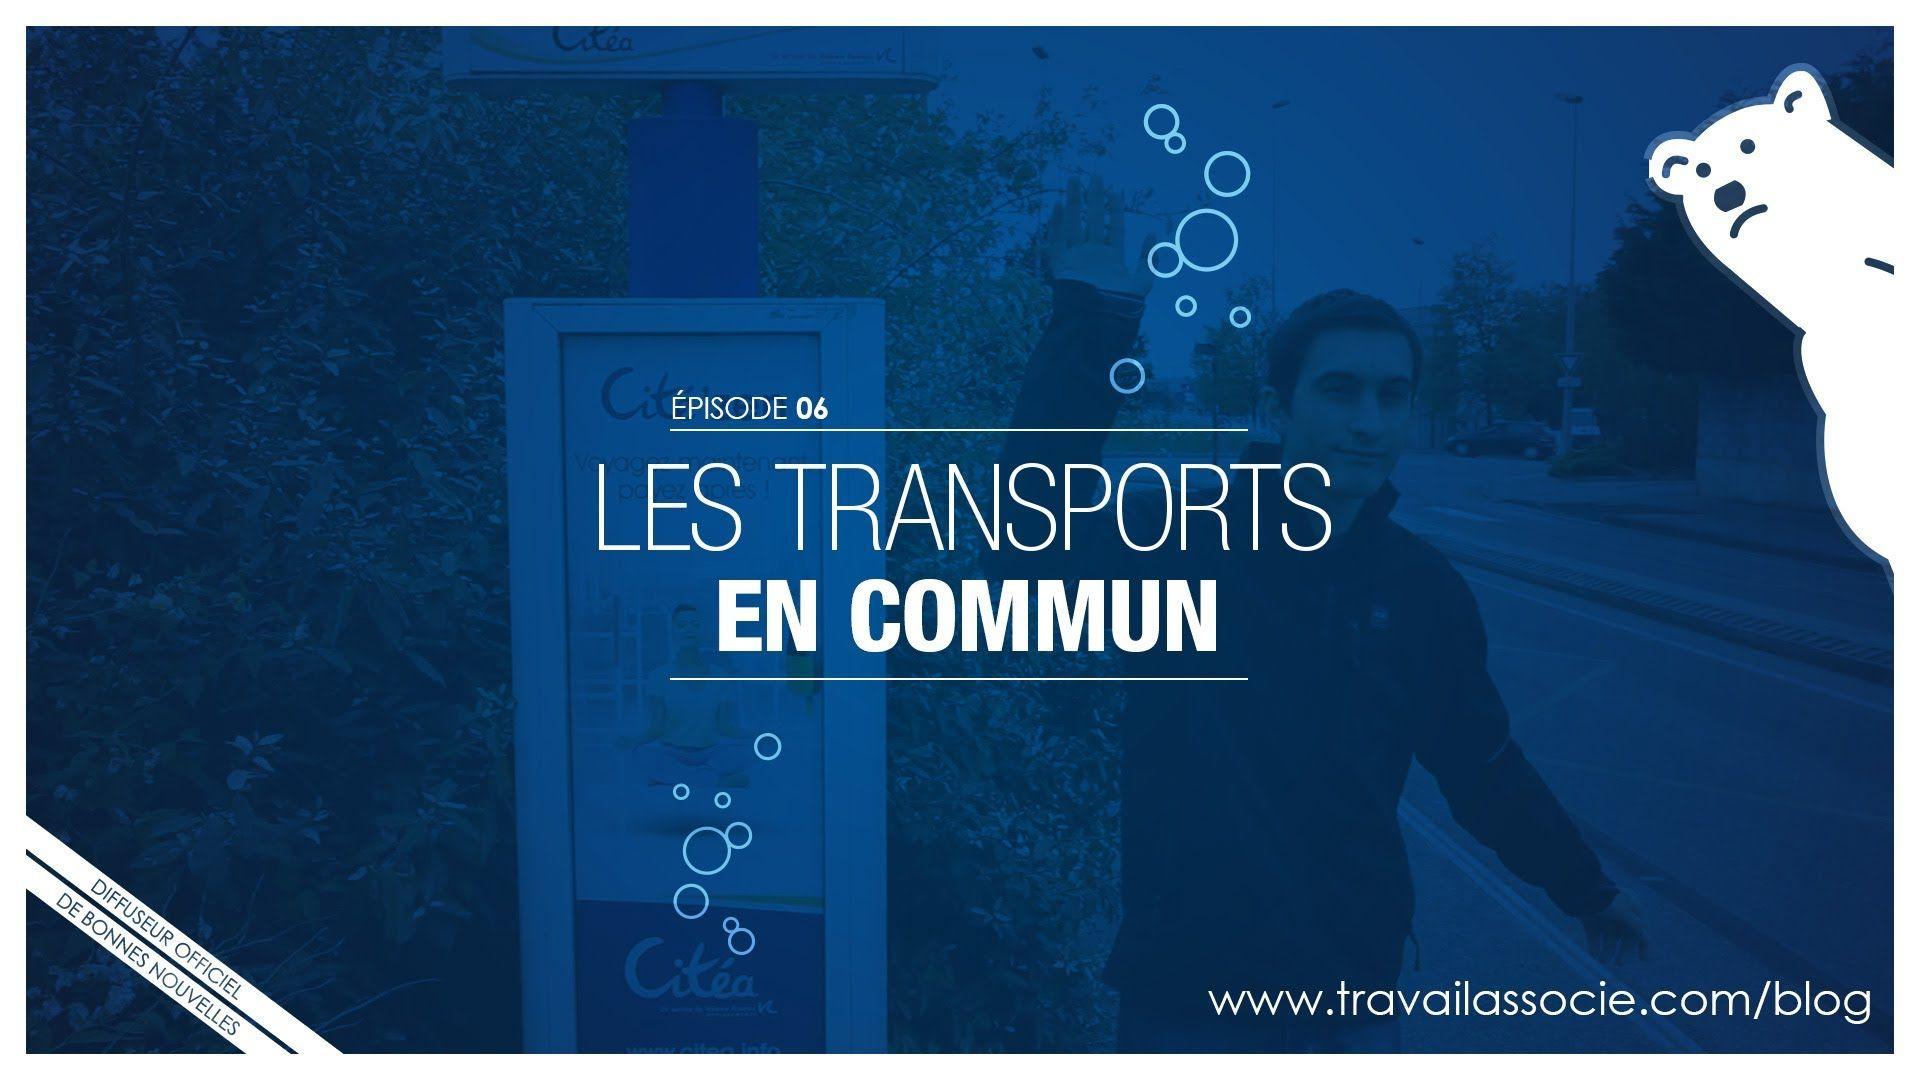 Au tour de Nicolas, stagiaire en gestion de projet à l'agence de communication Travail & Associé à Valence, de réaliser sa bonne action. Utiliser les transports en commun participe à la protection de l'environnement. Cela se traduit par une réduction de l'émission de gaz à effet de serre et une collectivité plus saine. #developpement #durable #valence #drome #ecologique  Pour en savoir plus, rendez-vous sur le blog de l'agence : www.travailassocie.com/blog